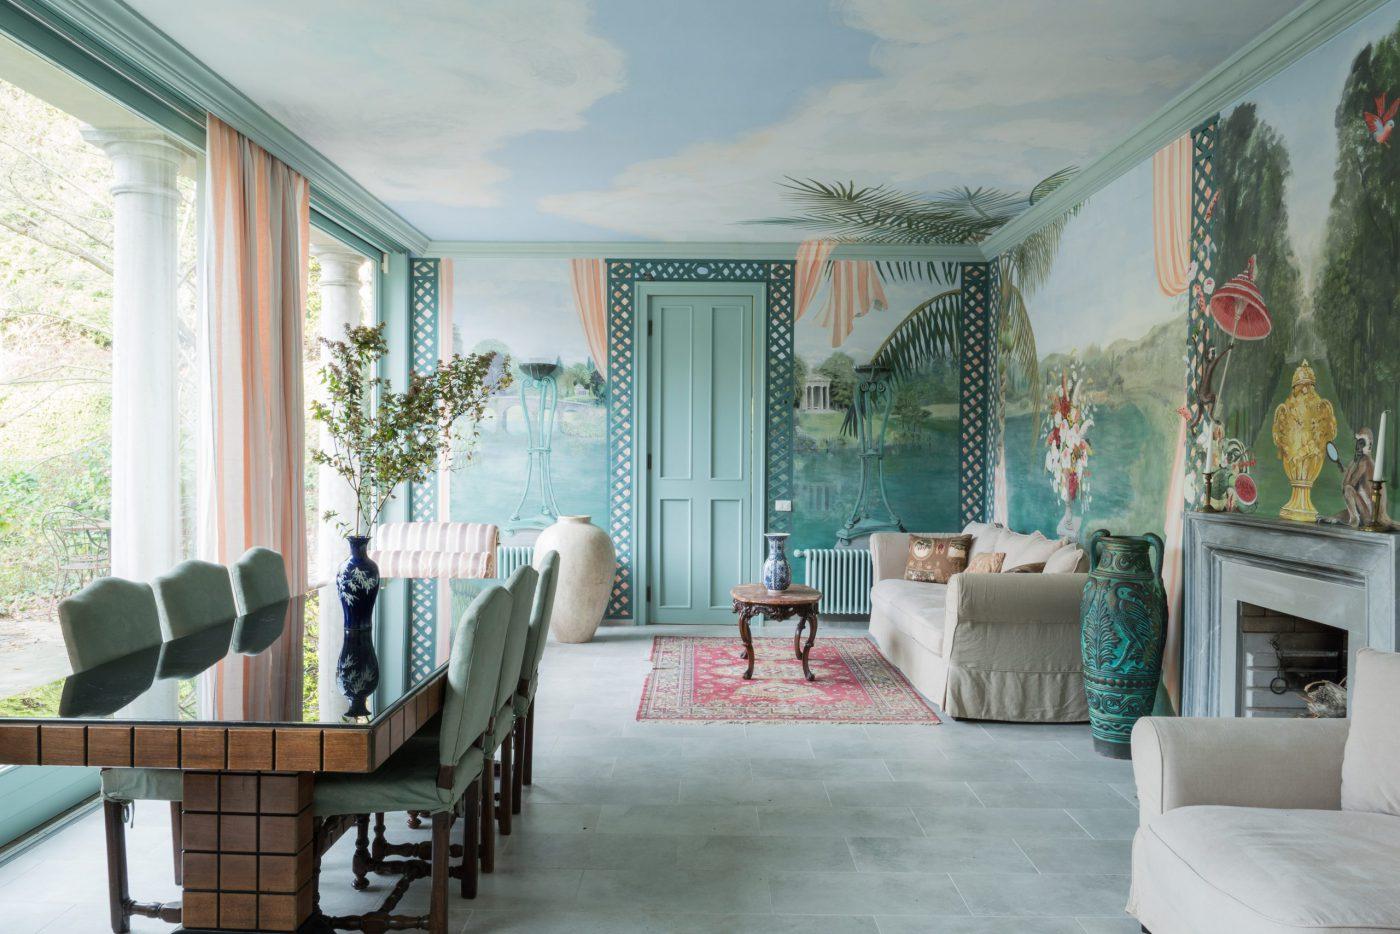 salone la foleia interior design lago maggiore